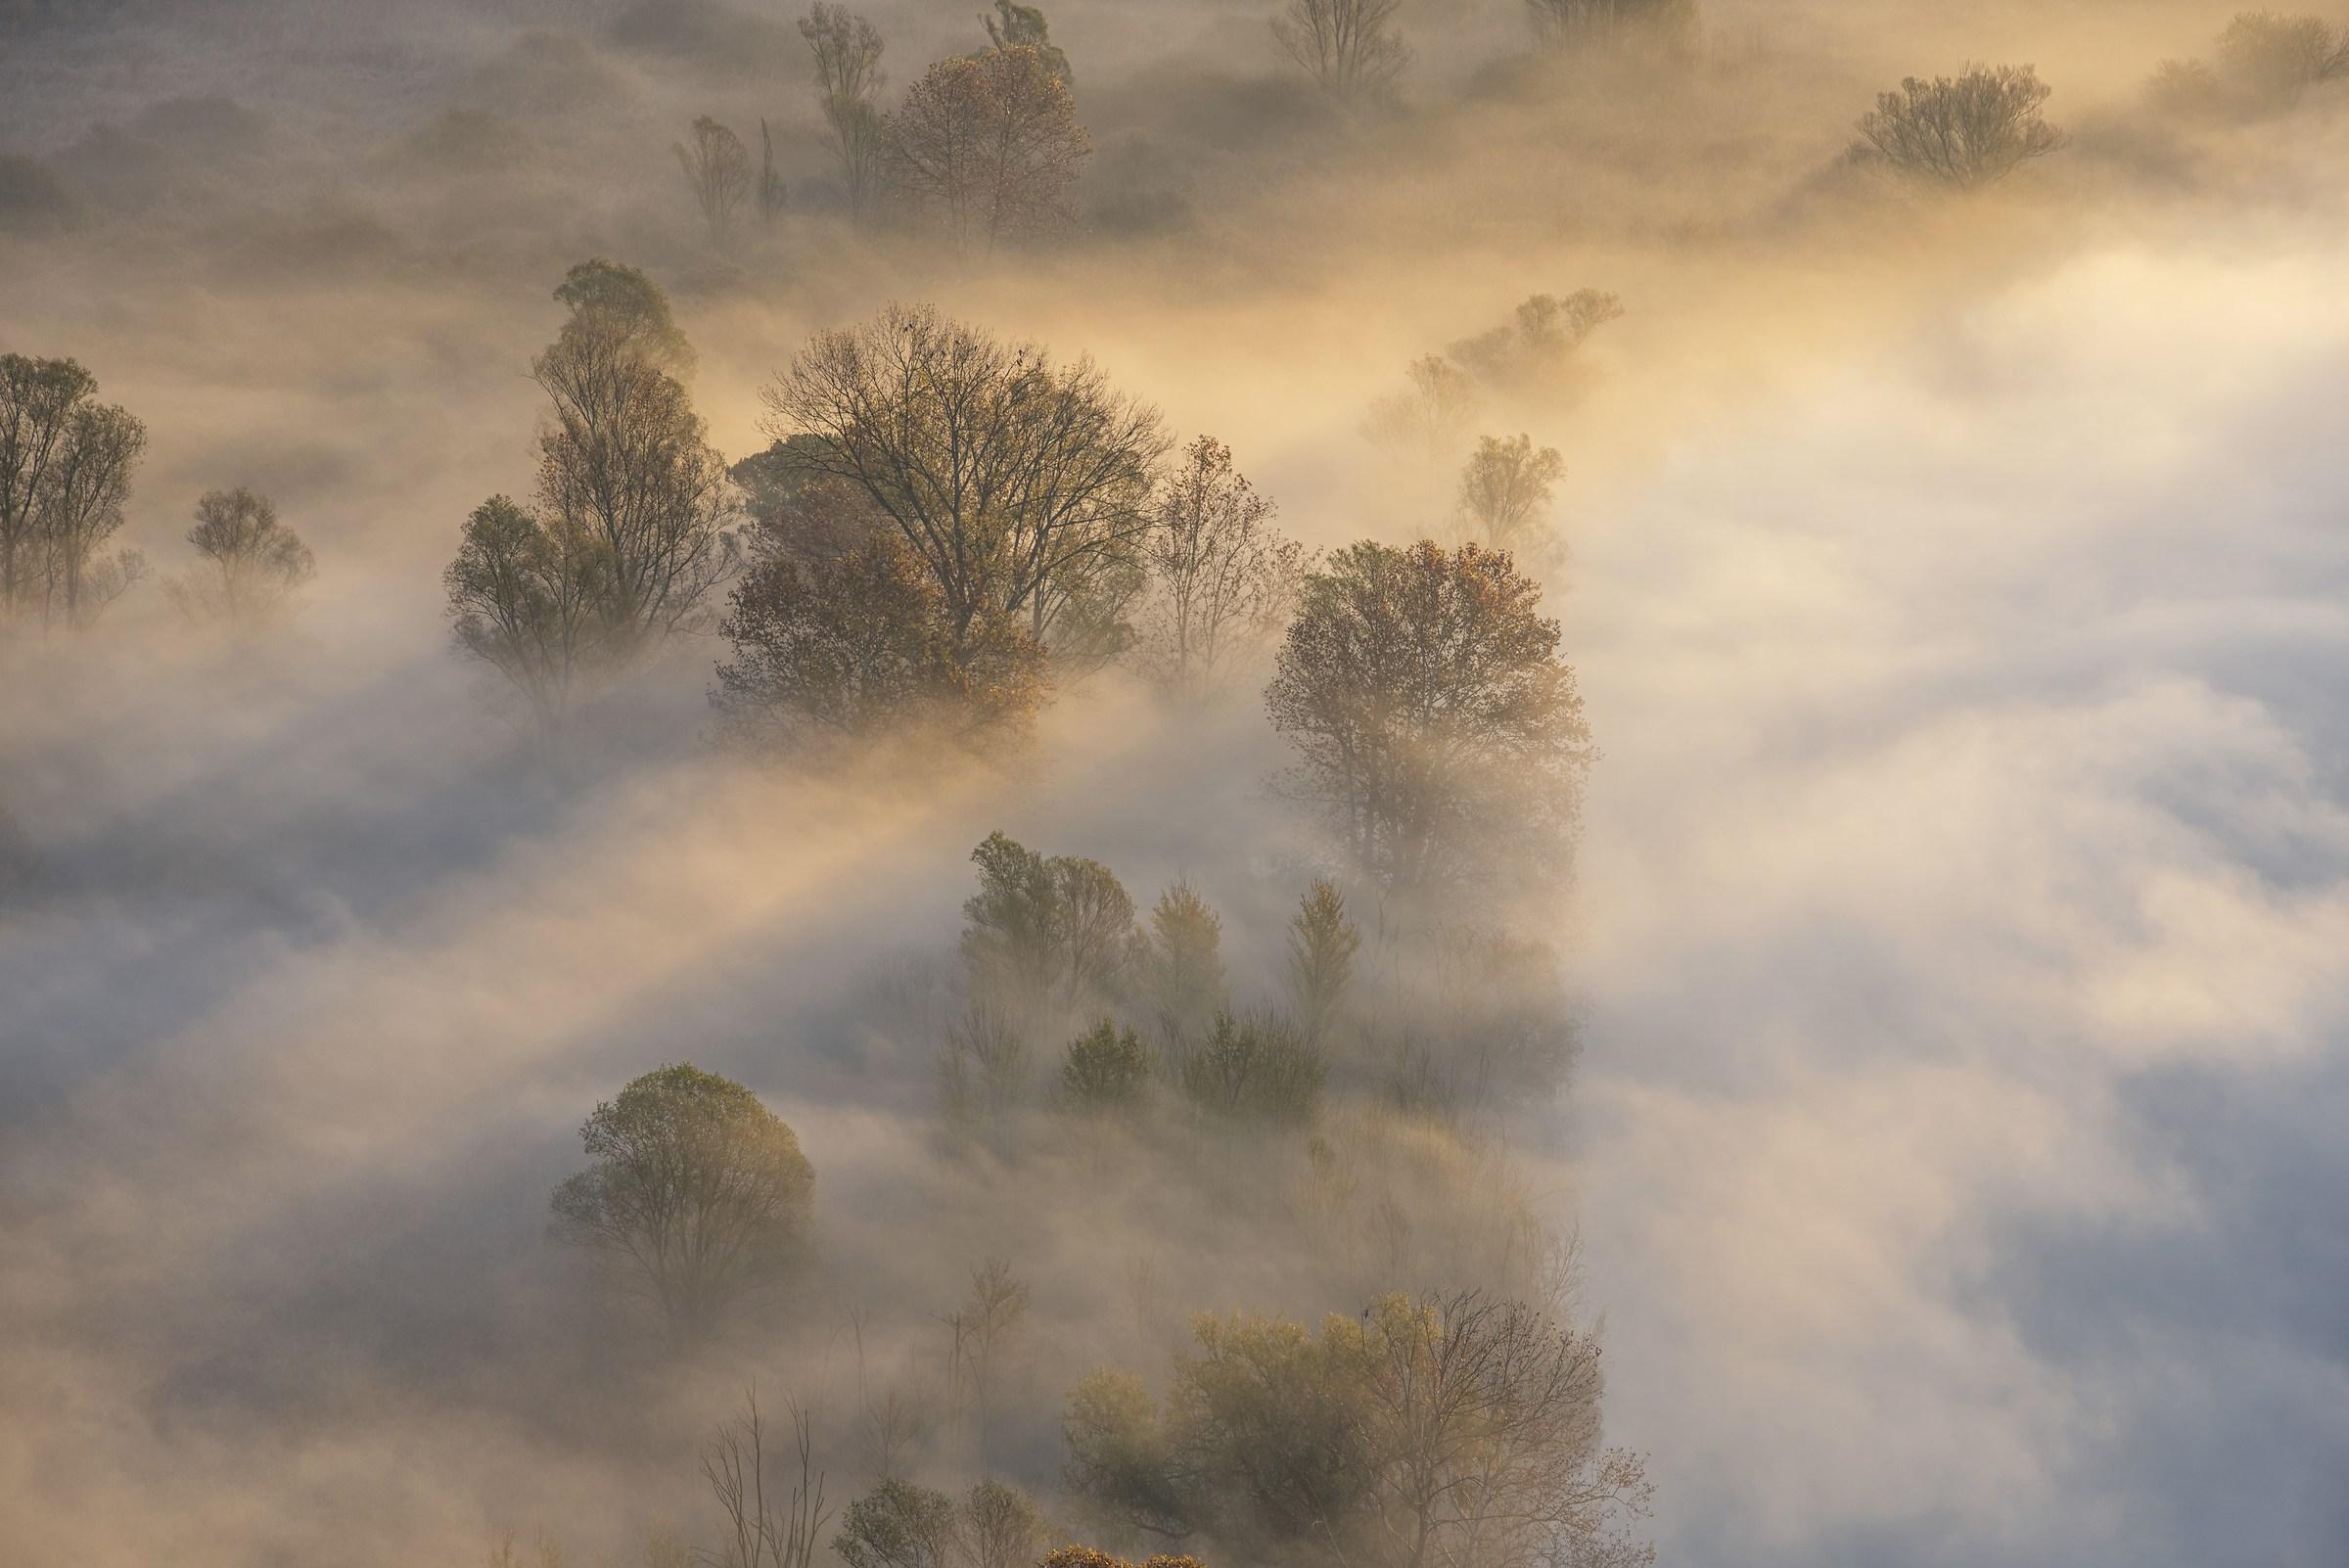 colori nella nebbia...